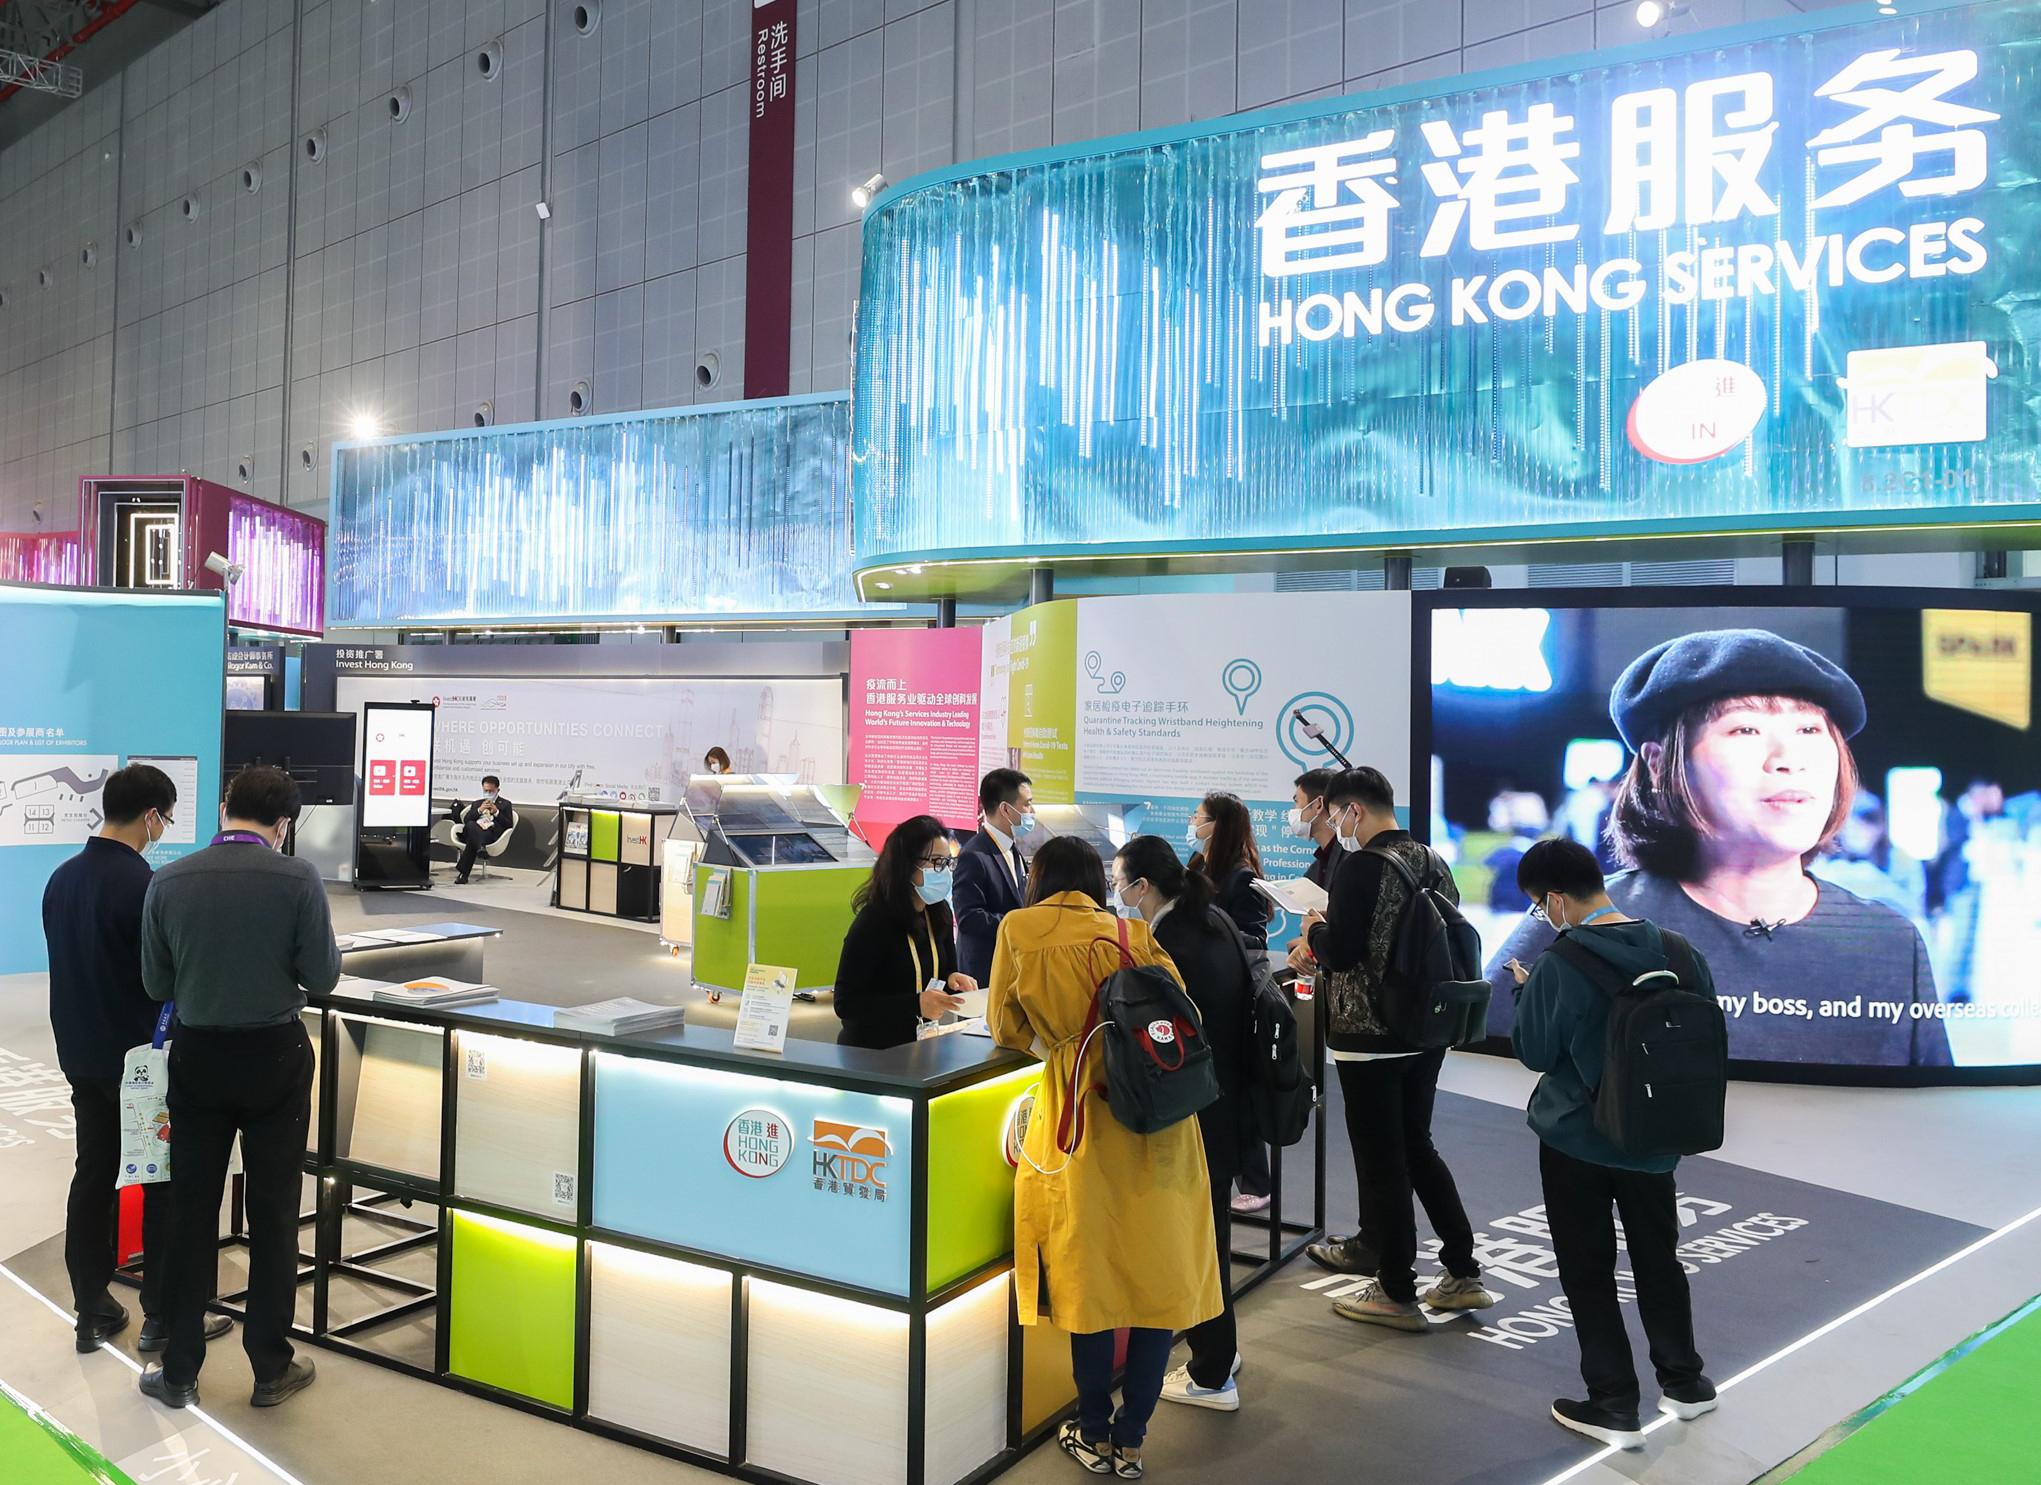 Hong Kong Service Pavilion